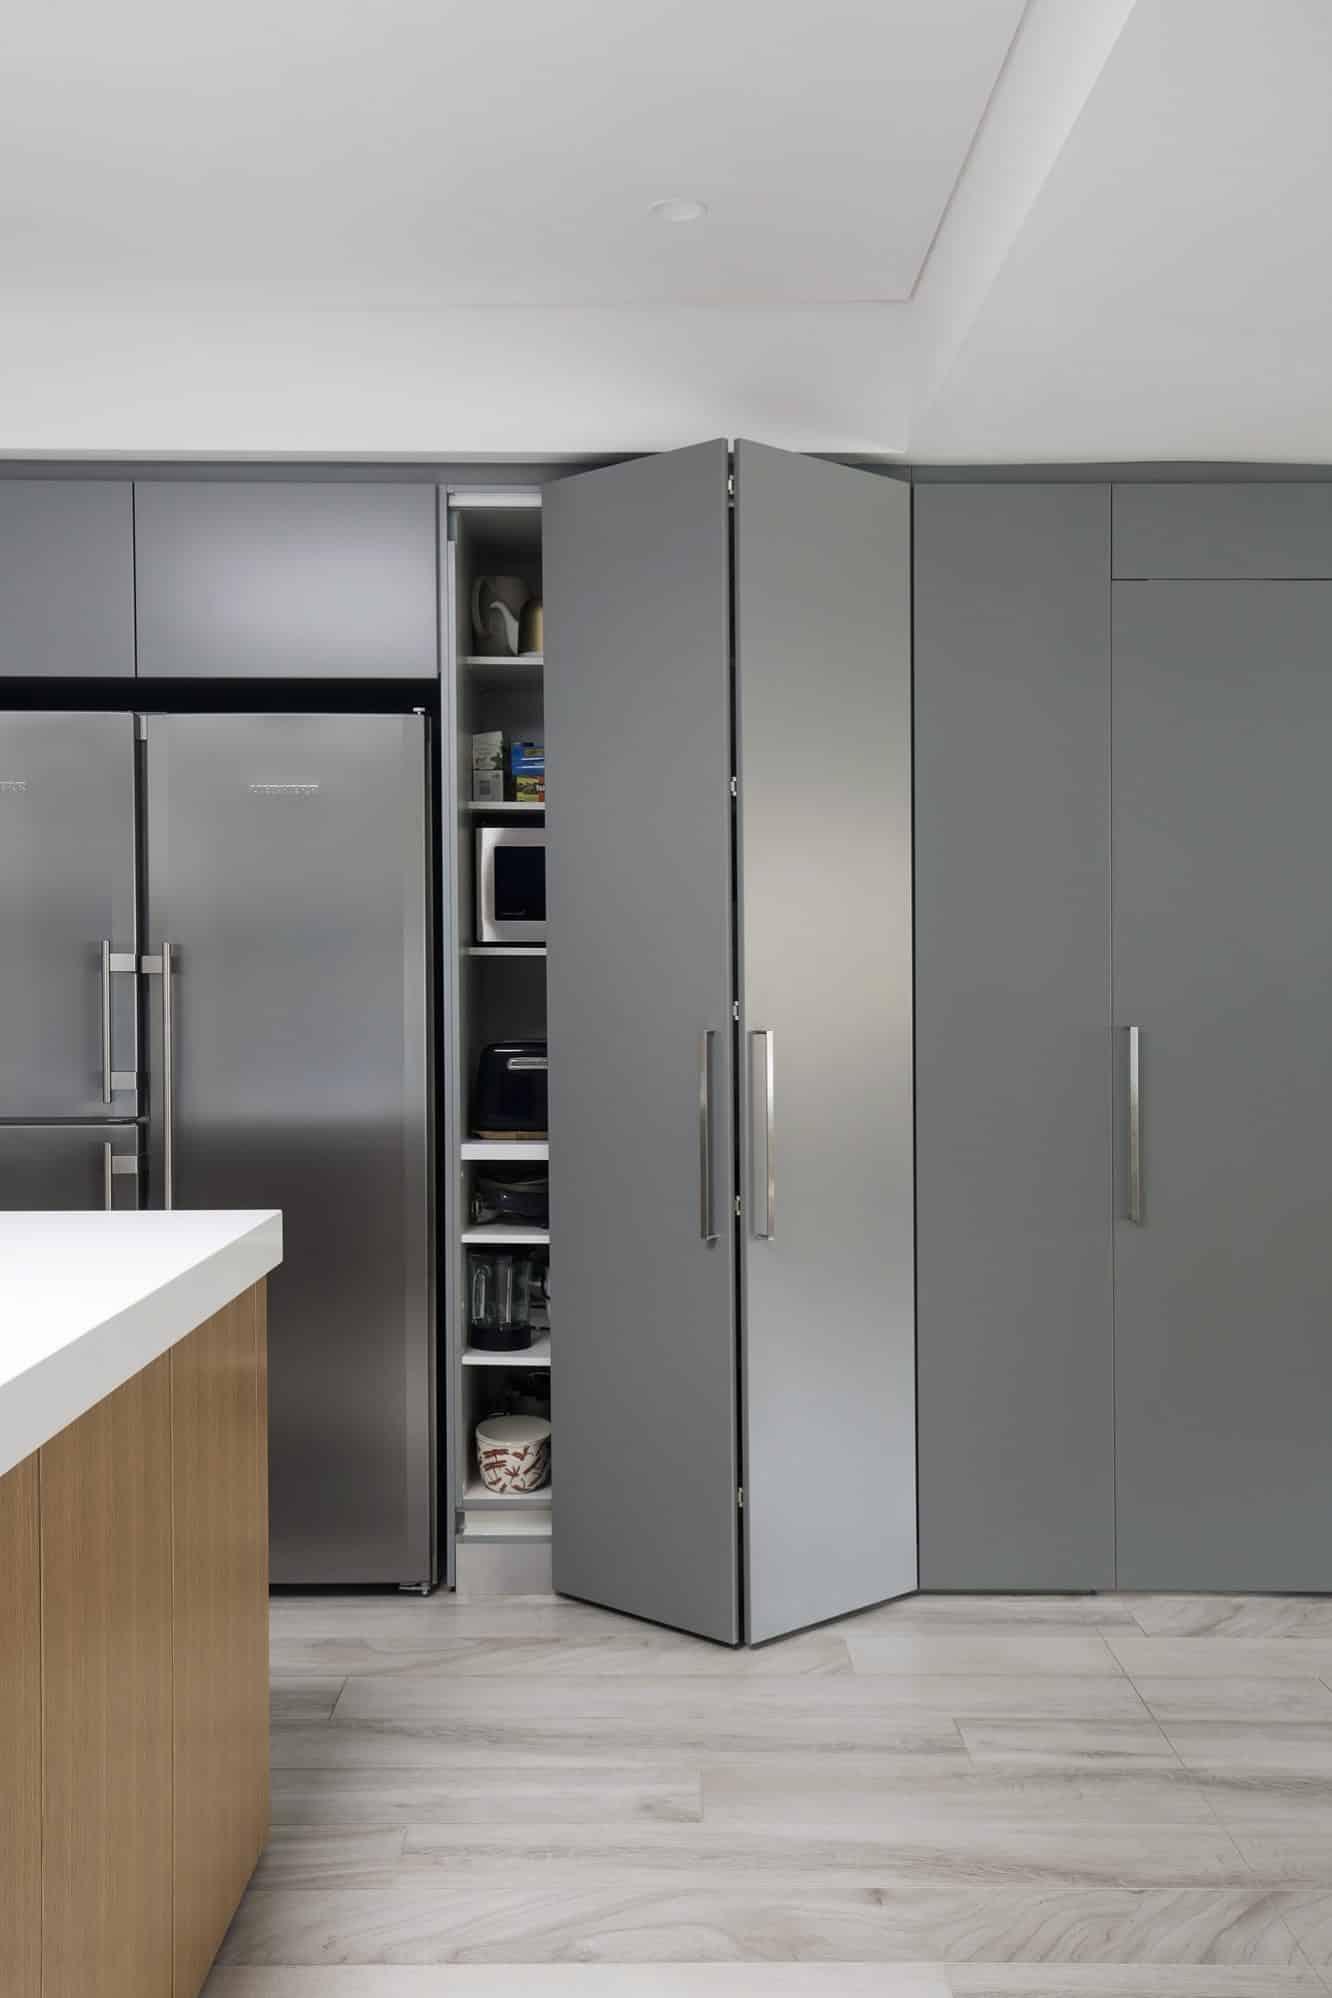 Appliance Niche behind bifold doors